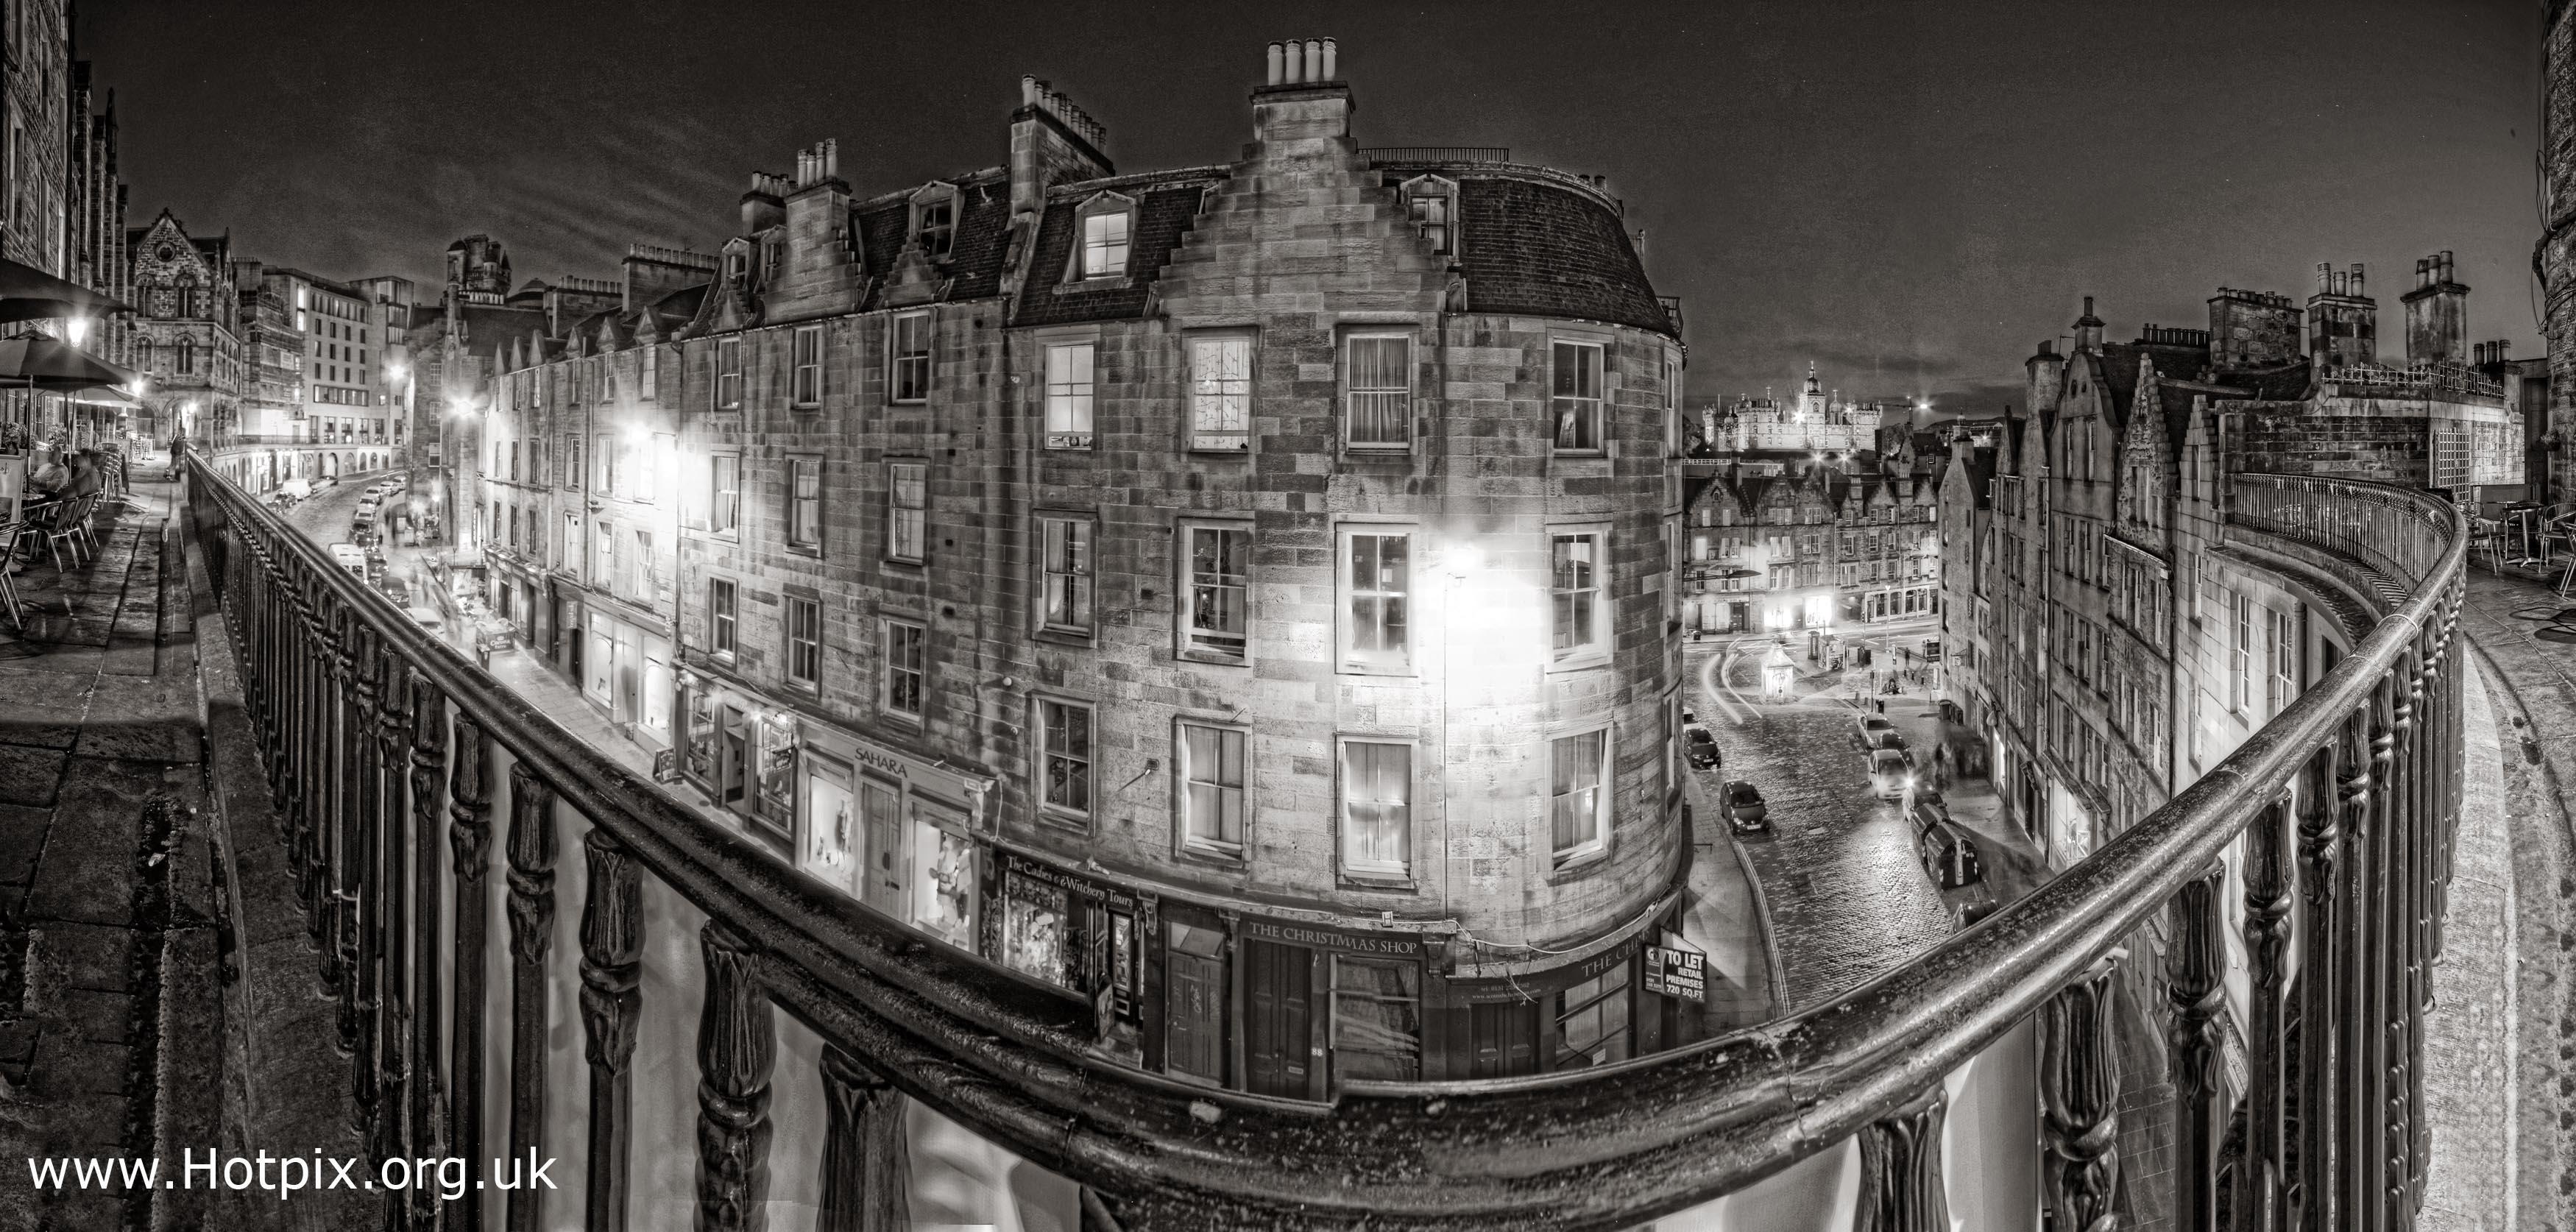 Edinburgh,mono,night,dusk,shot,nightshot,tony,smith,tonysmith,Victoria,st,street,monochrome,harsh,black,white